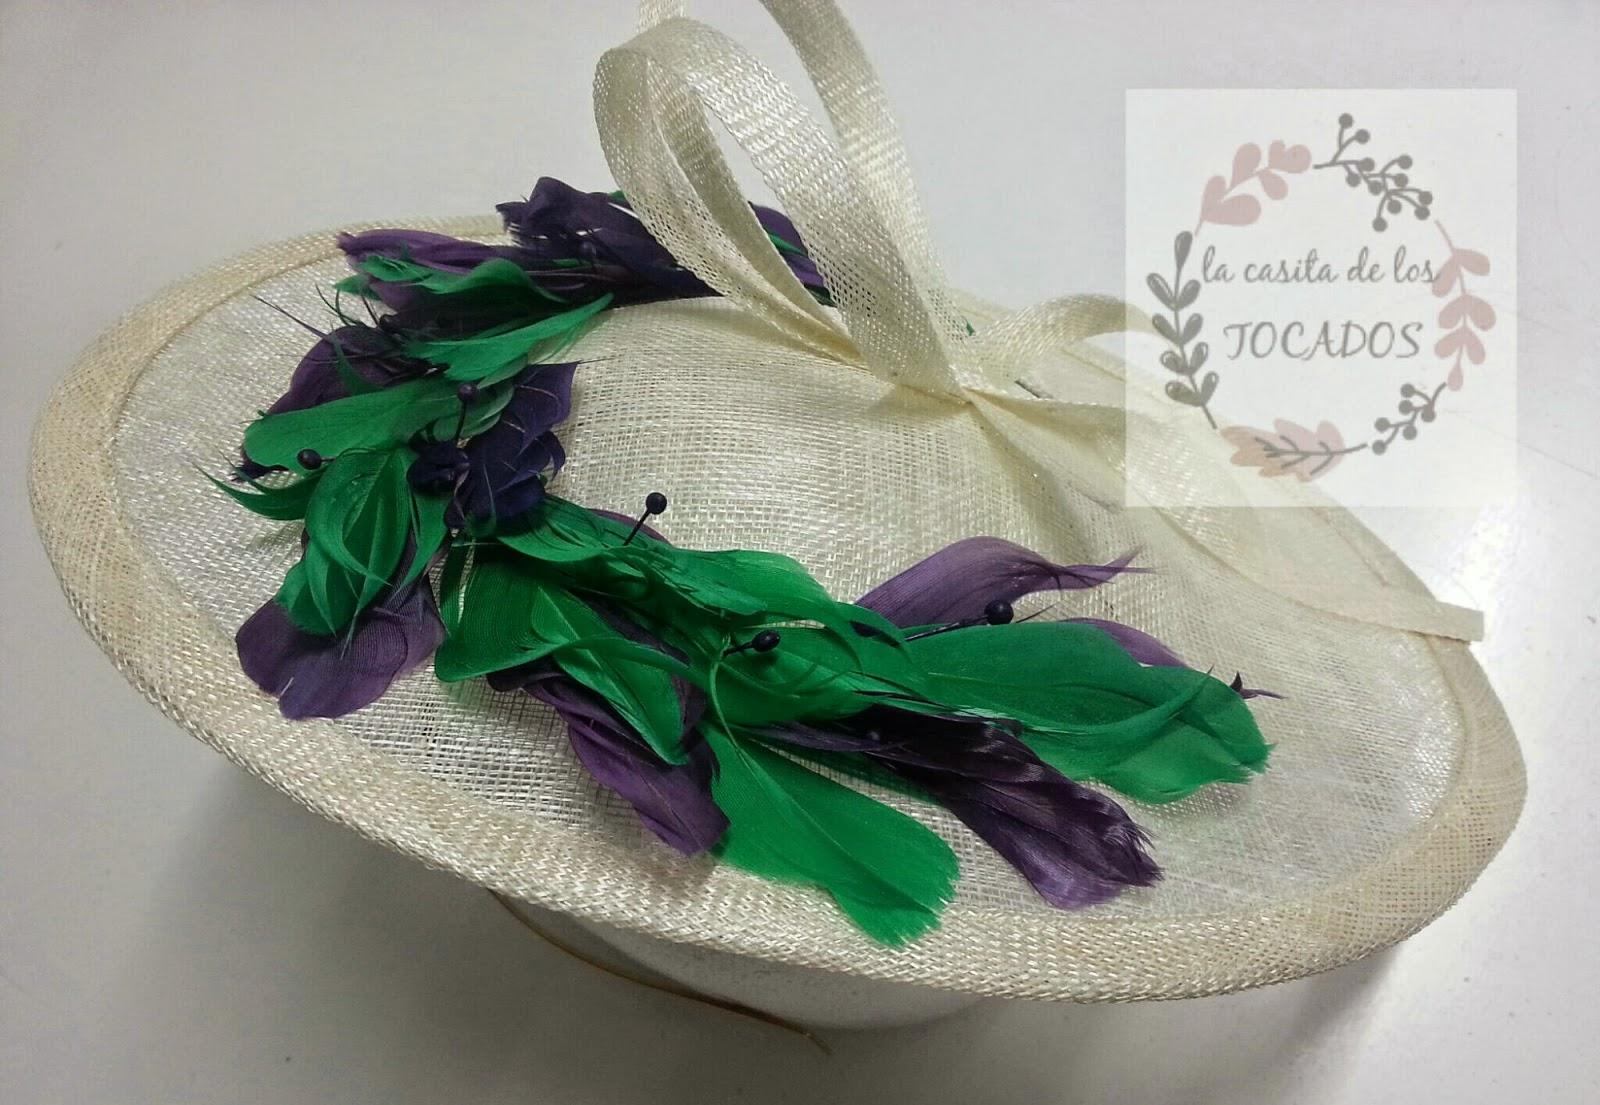 tocado artesanal para boda de mañana en crudo, verde y berenjena realizado con plumas y sinamay